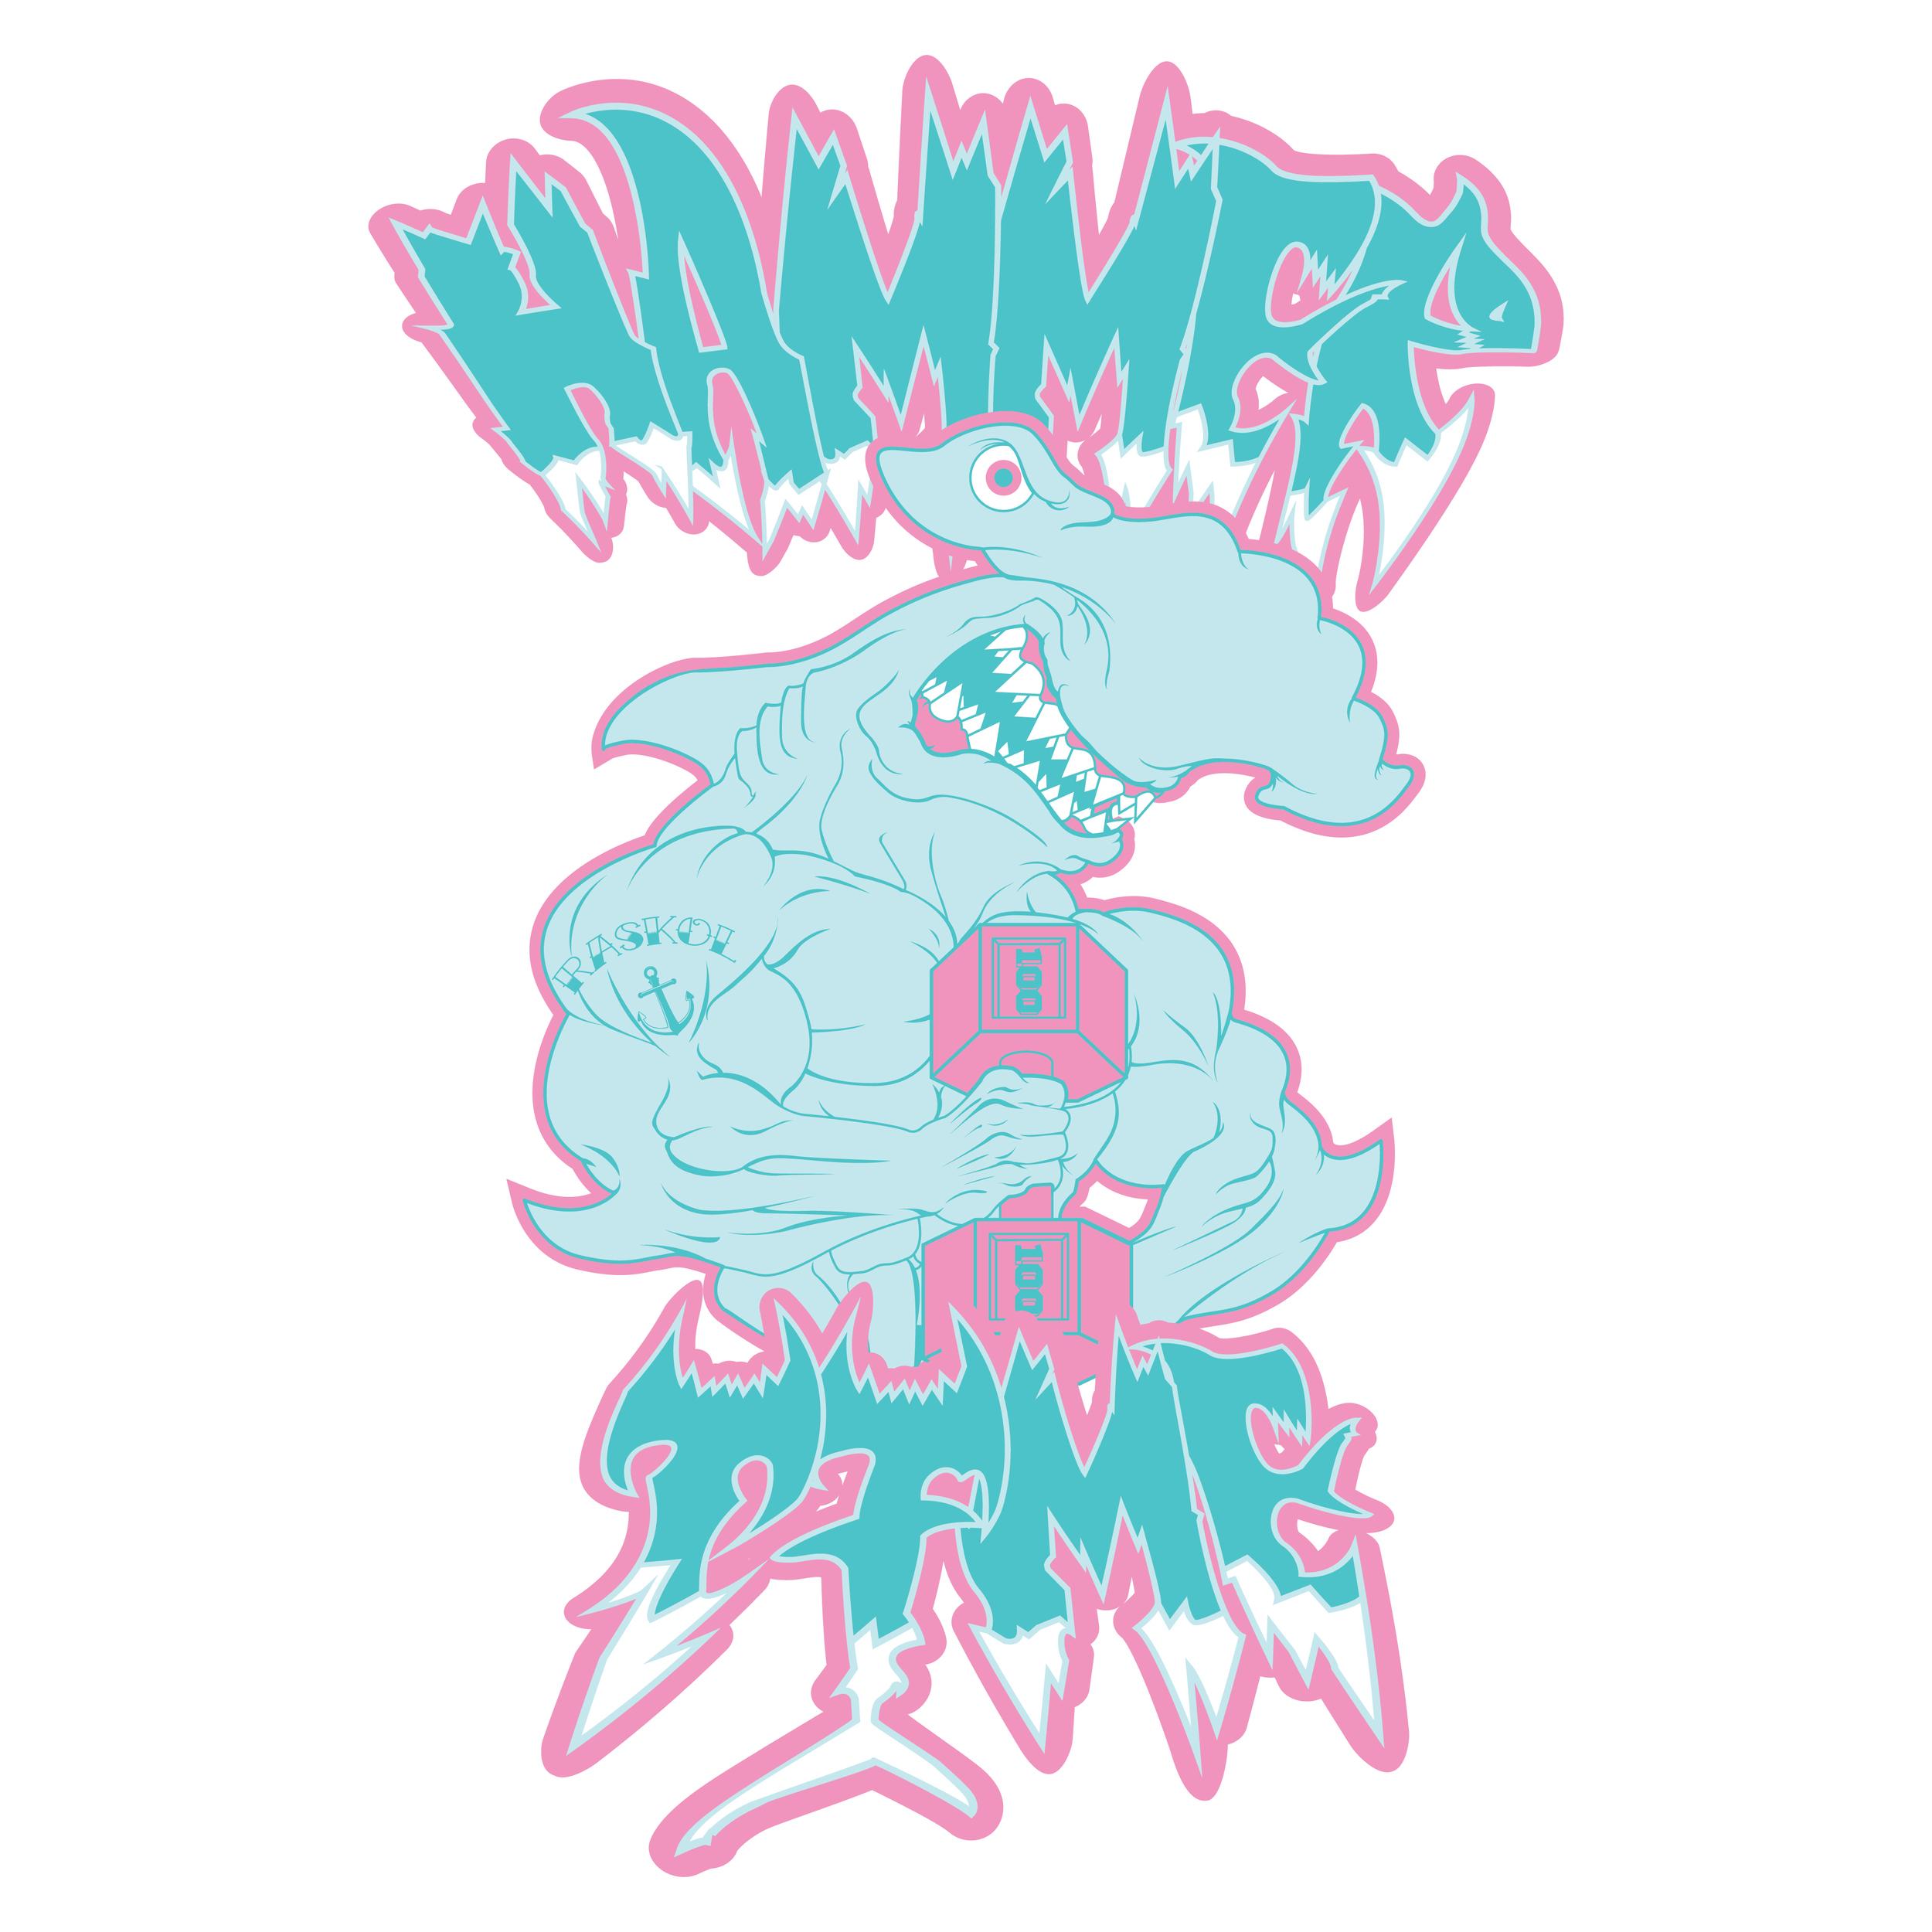 'HAMMER TIME WHITE'